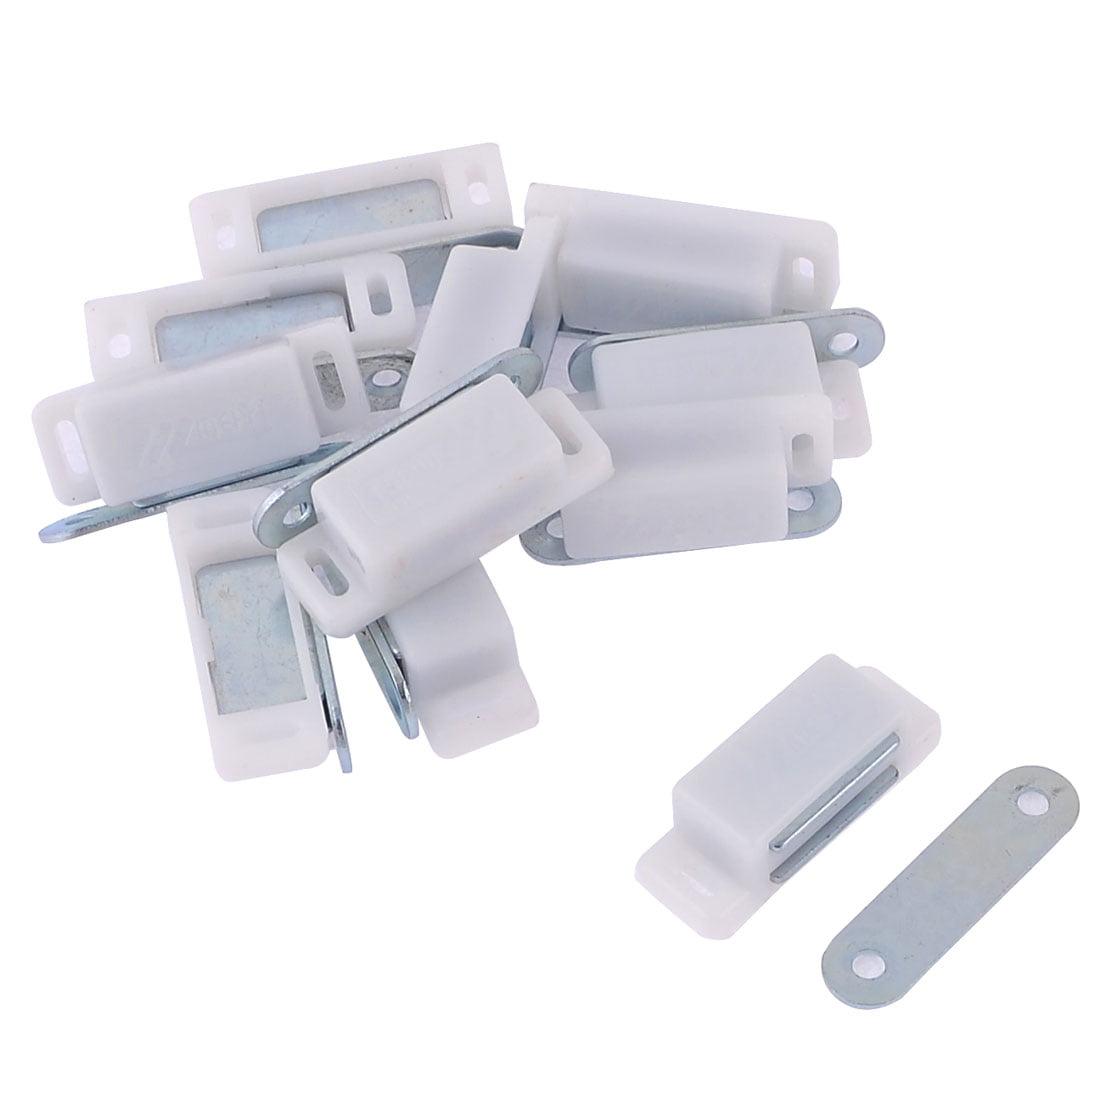 Unique Bargains 11pcs Cabinet Glass Door White Plastic Casing Metal Plate Magnetic Catch Latch